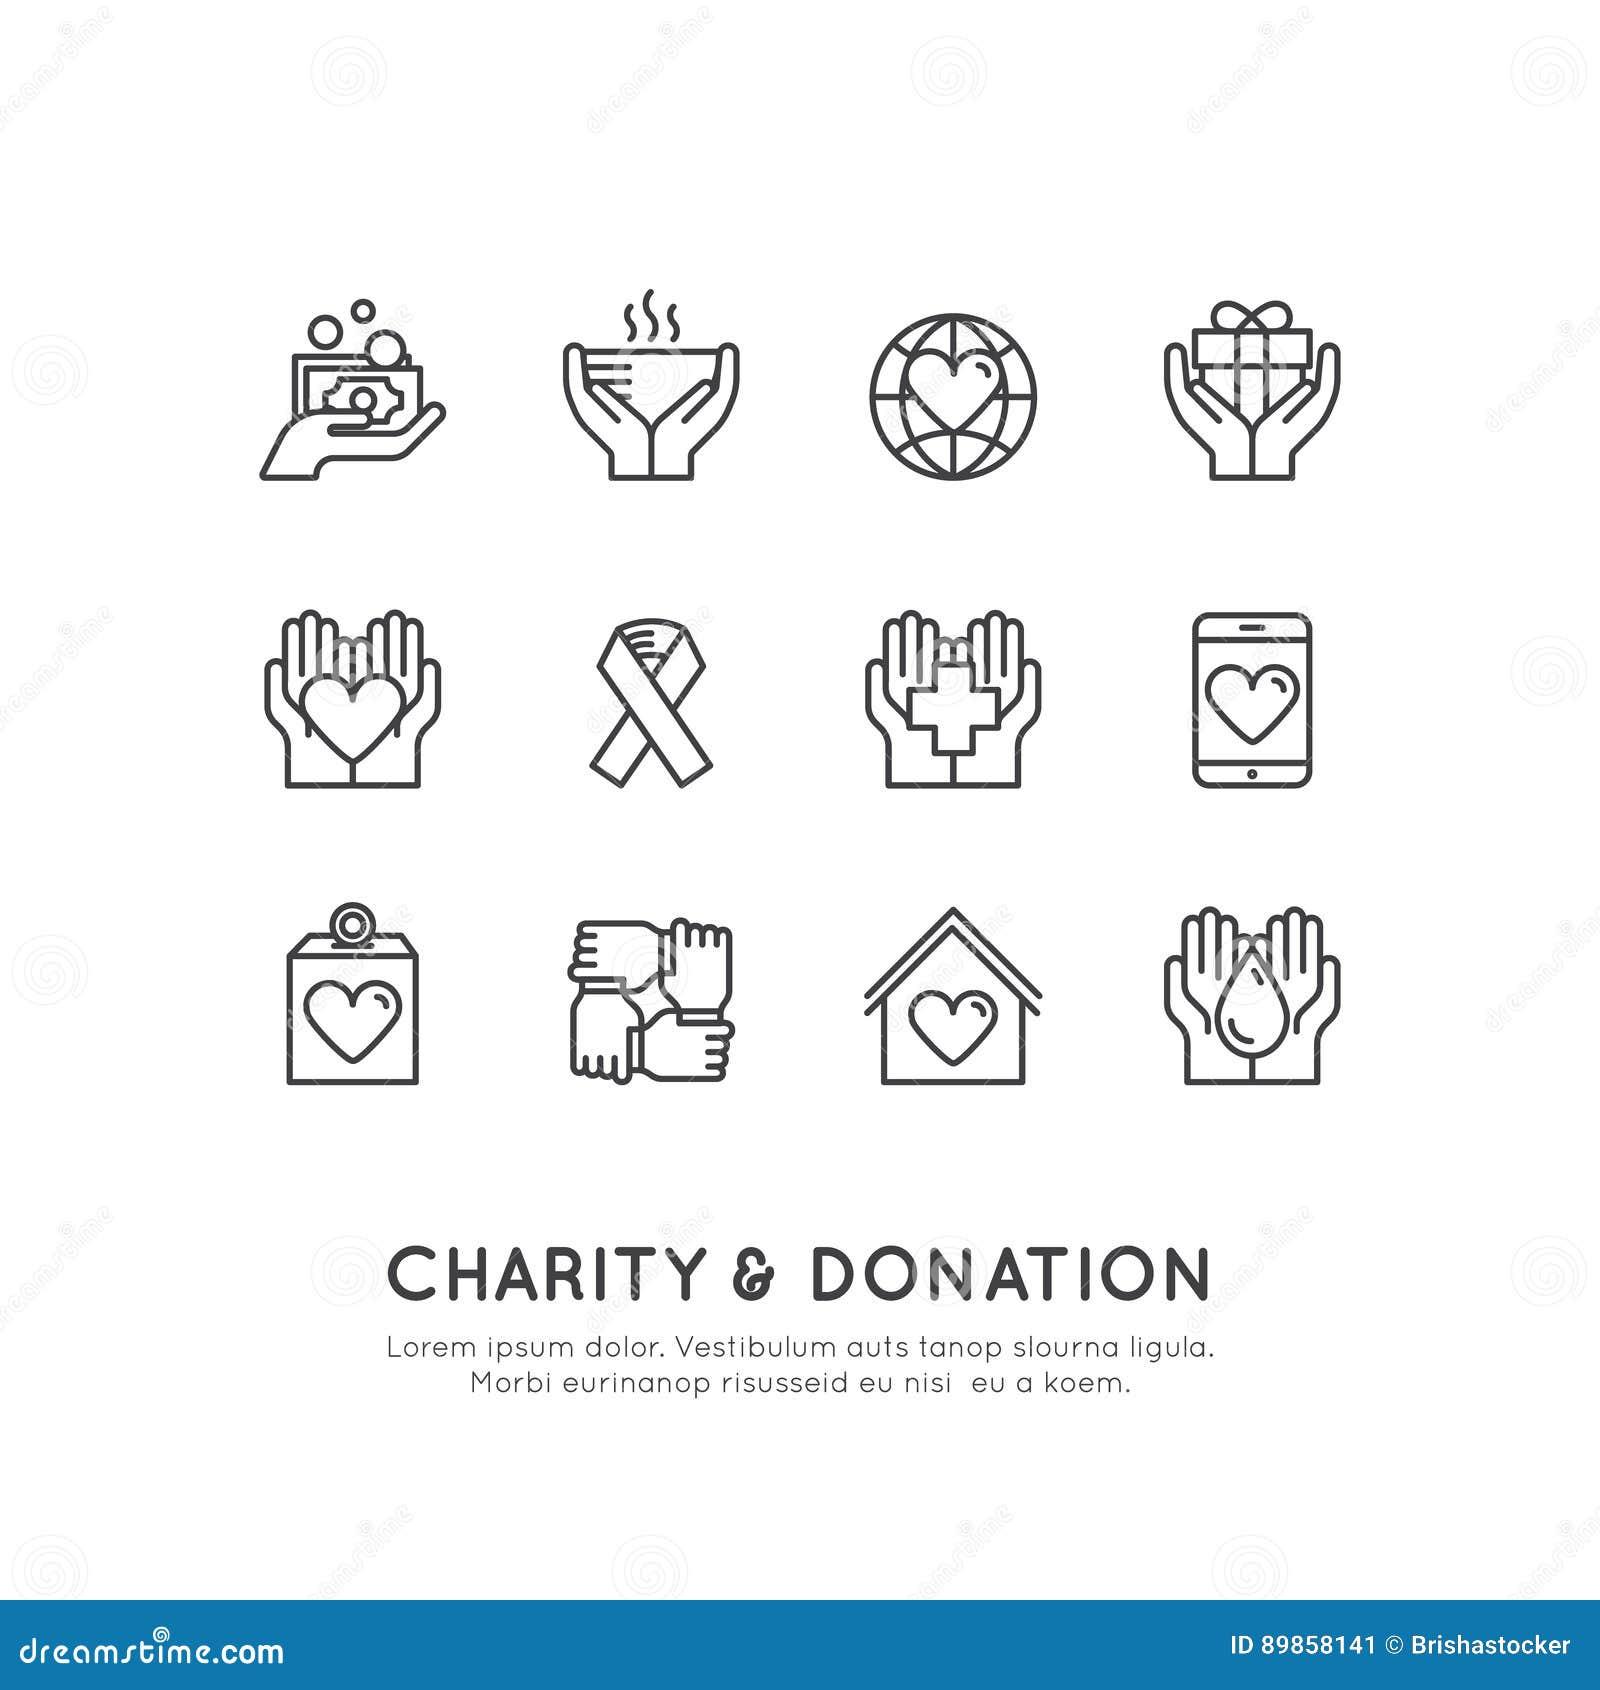 非盈利性组织和捐赠中心的图表元素 筹款的标志, Crowdfunding项目标签,慈善商标, C